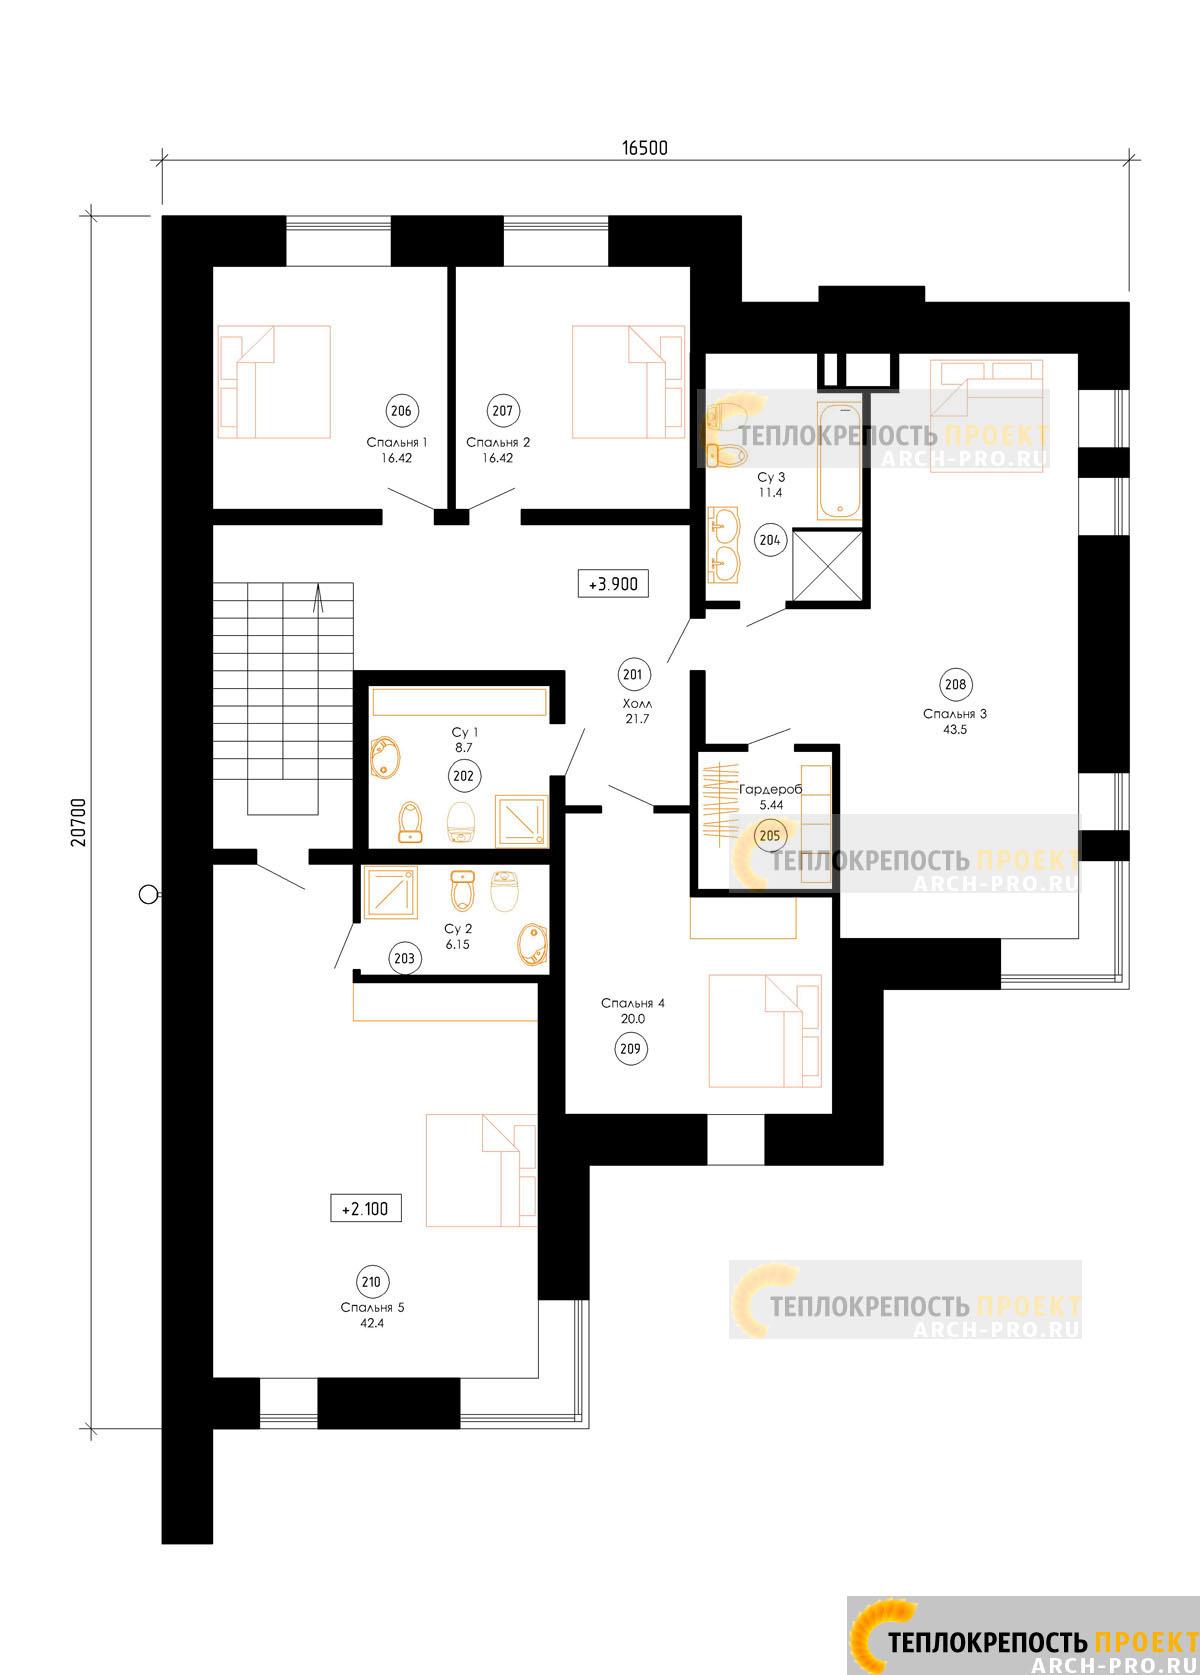 Планировка дома в скандинавском стиле, Планировка дома в скандинавском стиле Москва